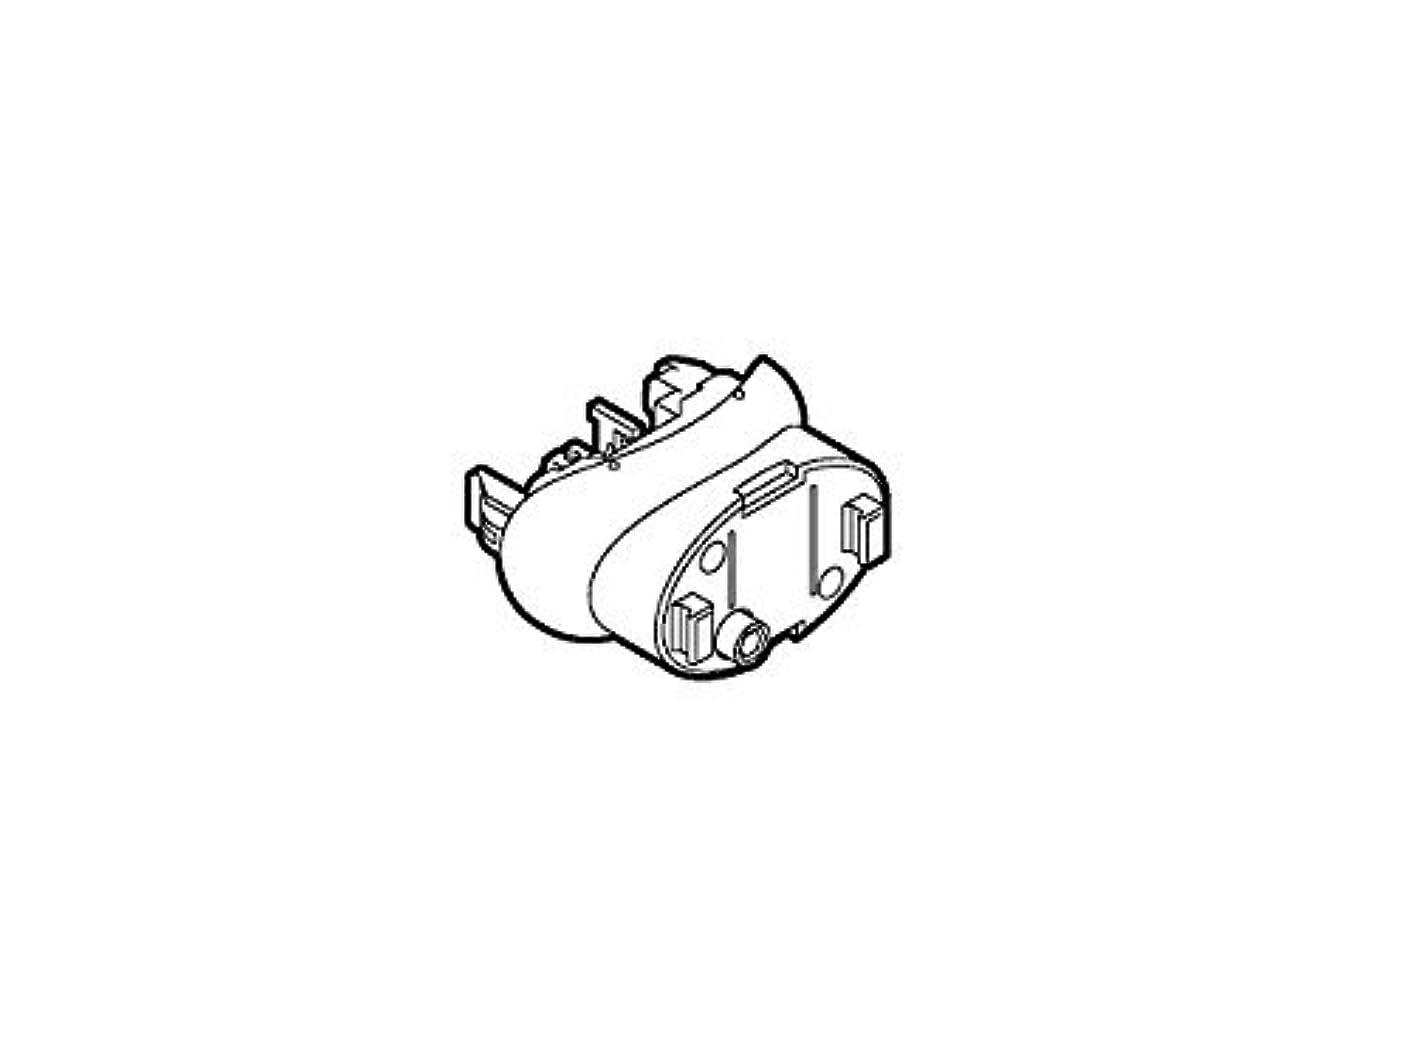 命令タックルつまずくPanasonic シェーバーヘッド駆動部 ESWD93W0787